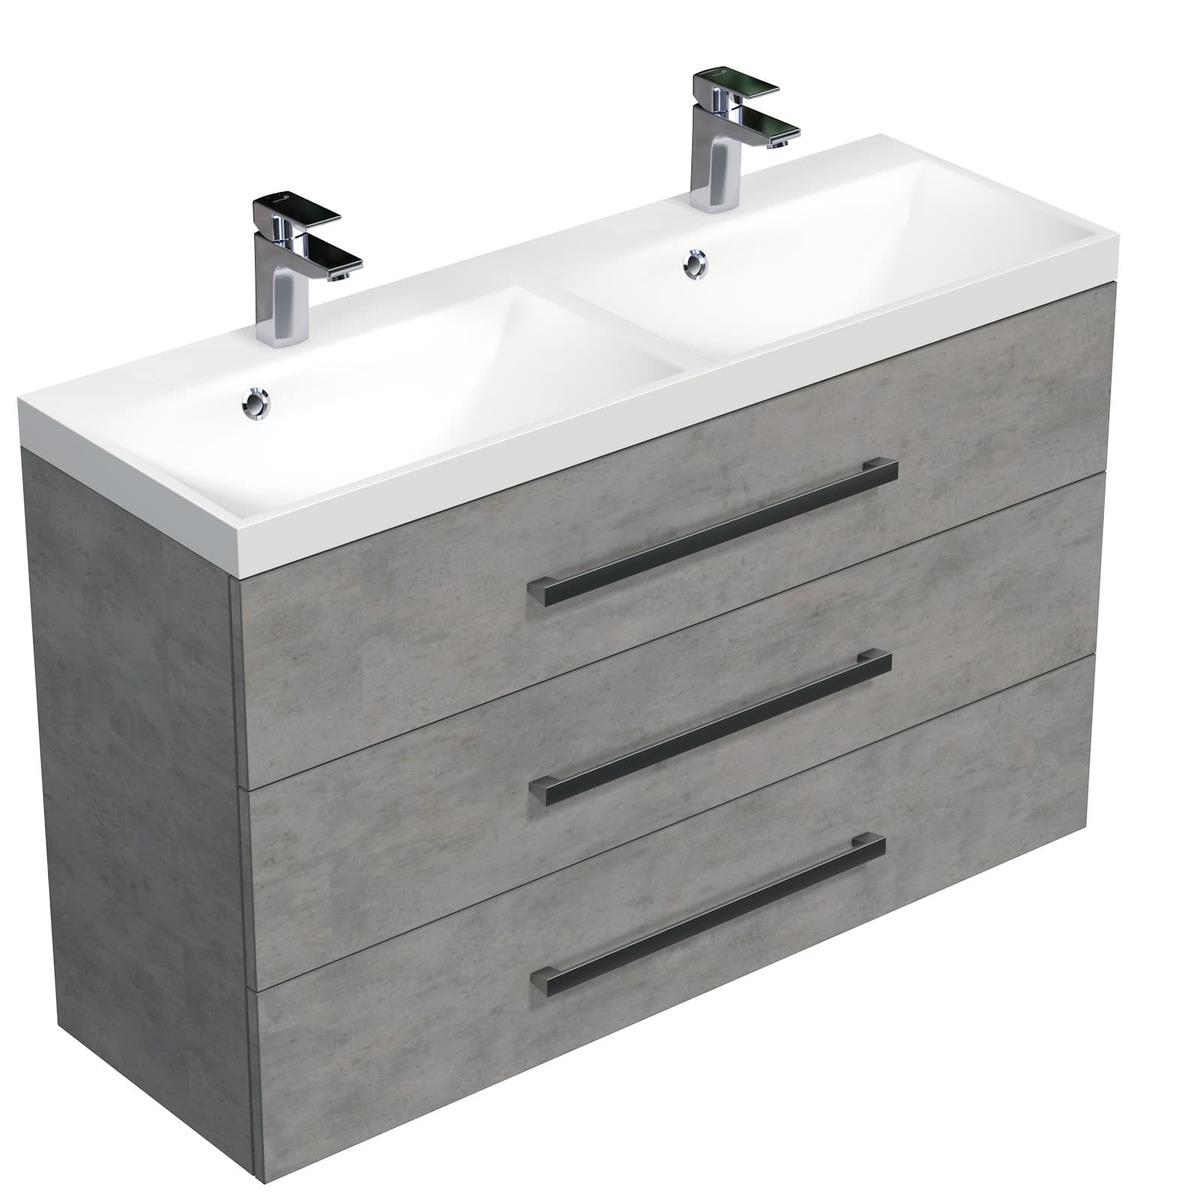 Koupelnová skříňka s umyvadlem Naturel Cube Way 120x76,5x40 cm beton CUBE21203BE